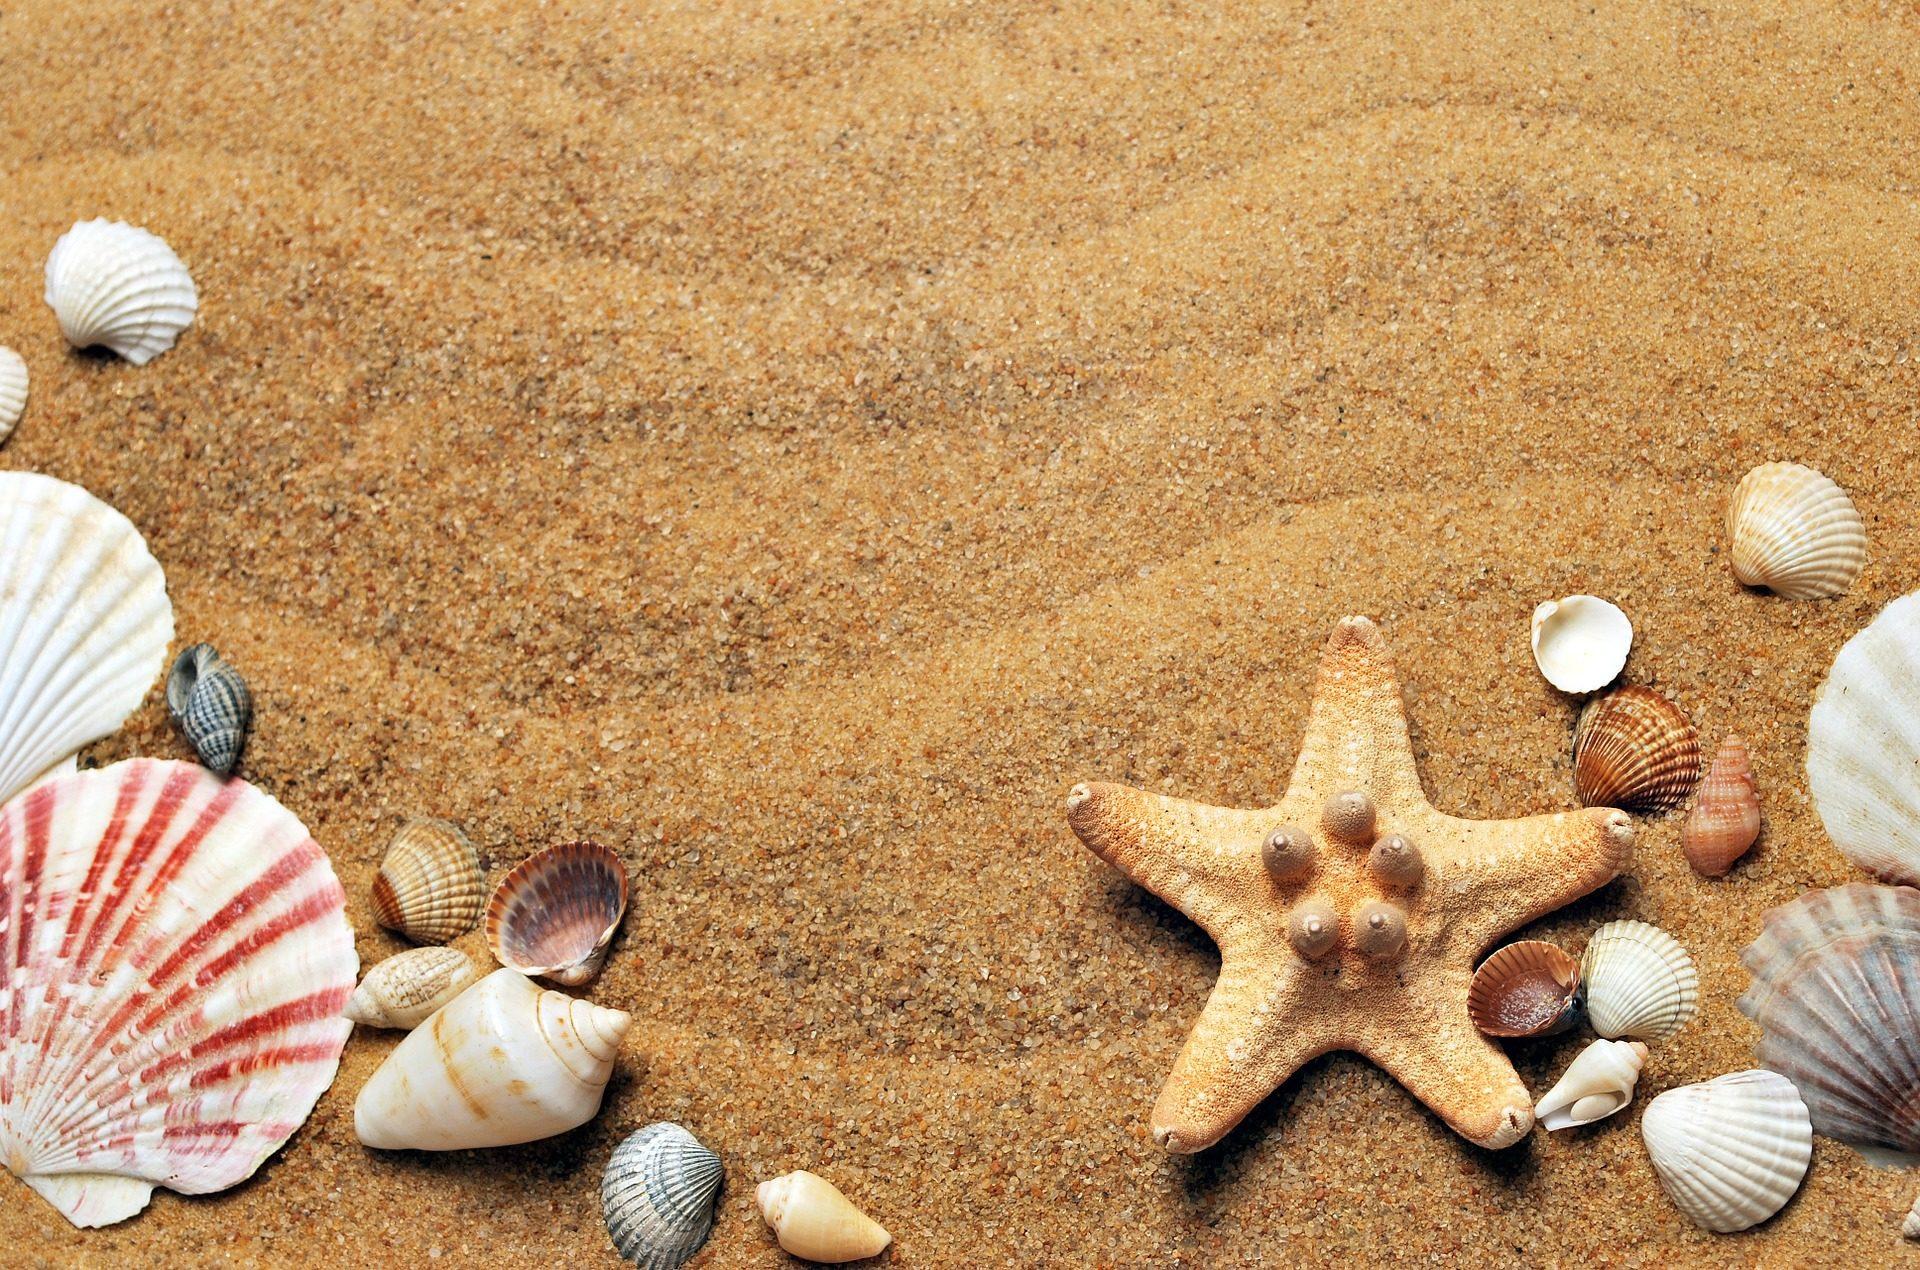 砂, シェル, estrella, 海, ビーチ - HD の壁紙 - 教授-falken.com